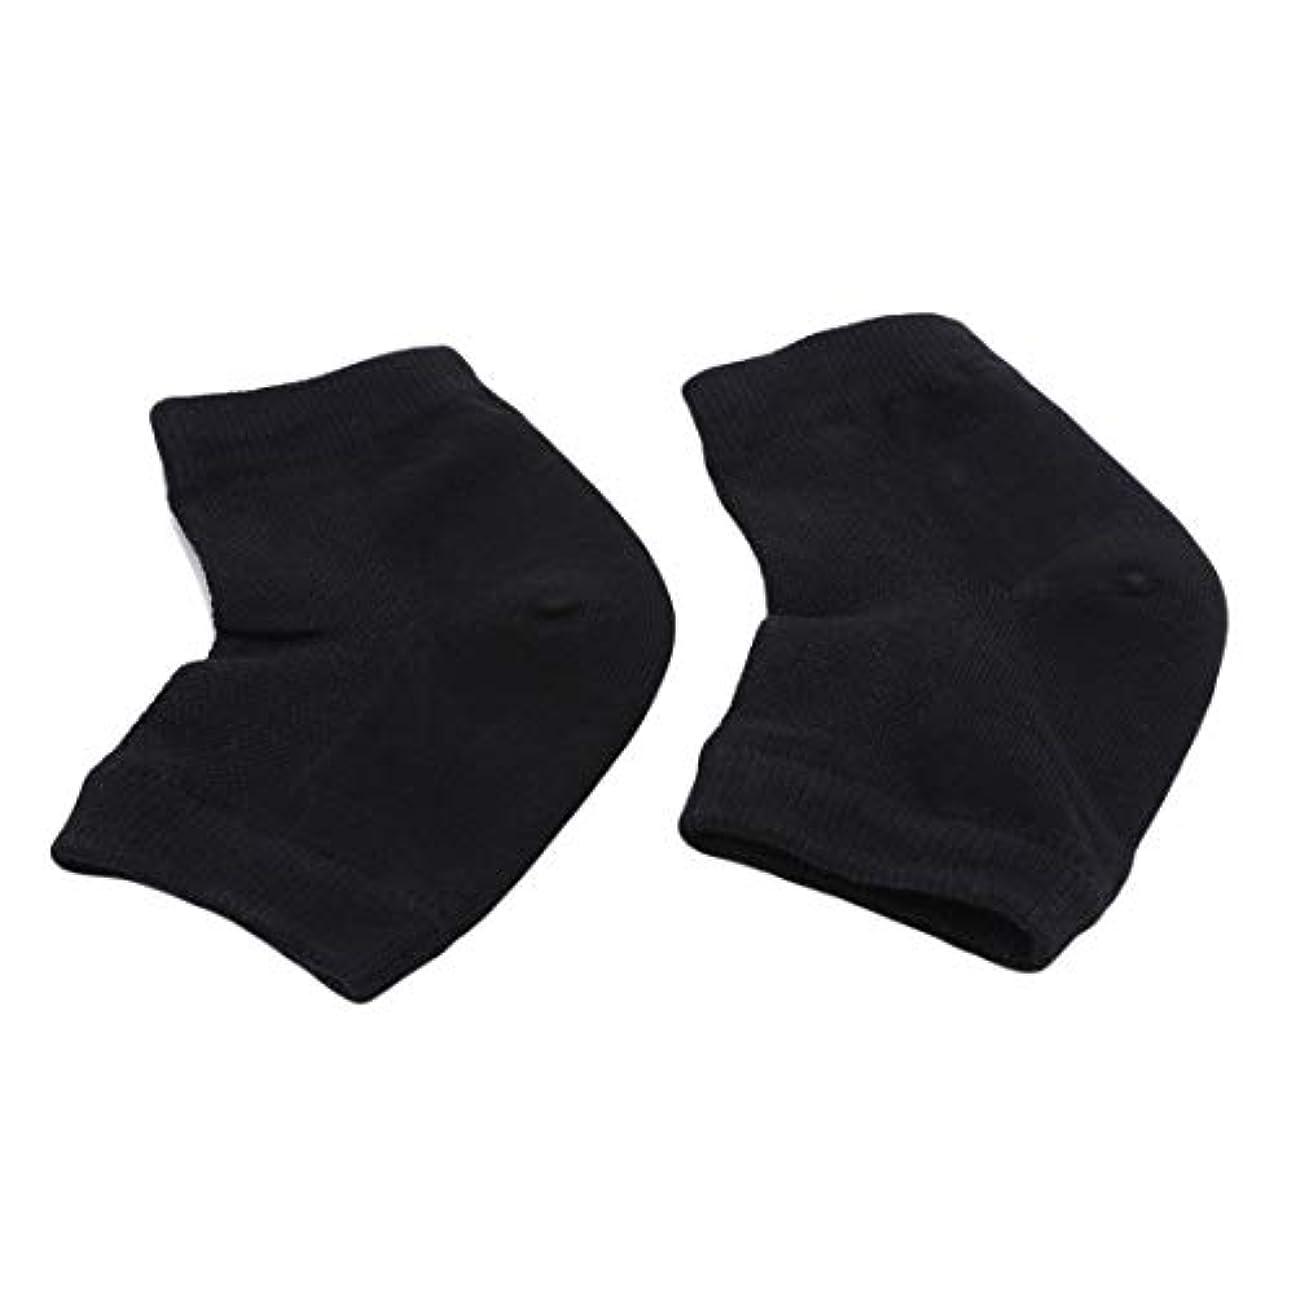 銅トリッキーリールKLUMA かかと靴下 ソックス 角質ケア スベスベ ツルツル うるおい 保湿 フットケア レディース メンズ 男女兼用 フリーサイズ 黒色